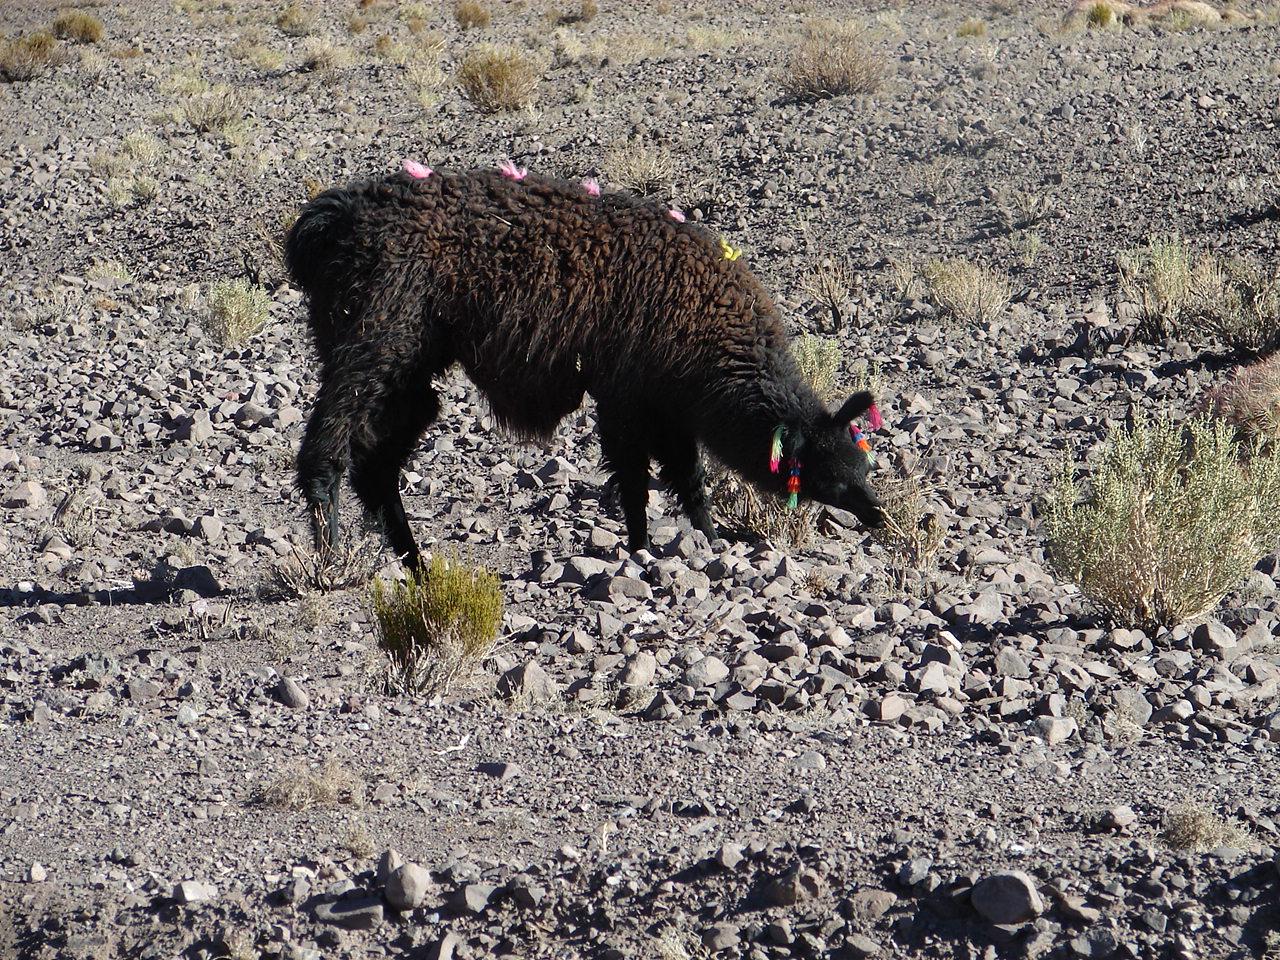 As lhamas são animais sagrados. É comum vê-las enfeitadas especialmente em período de festas